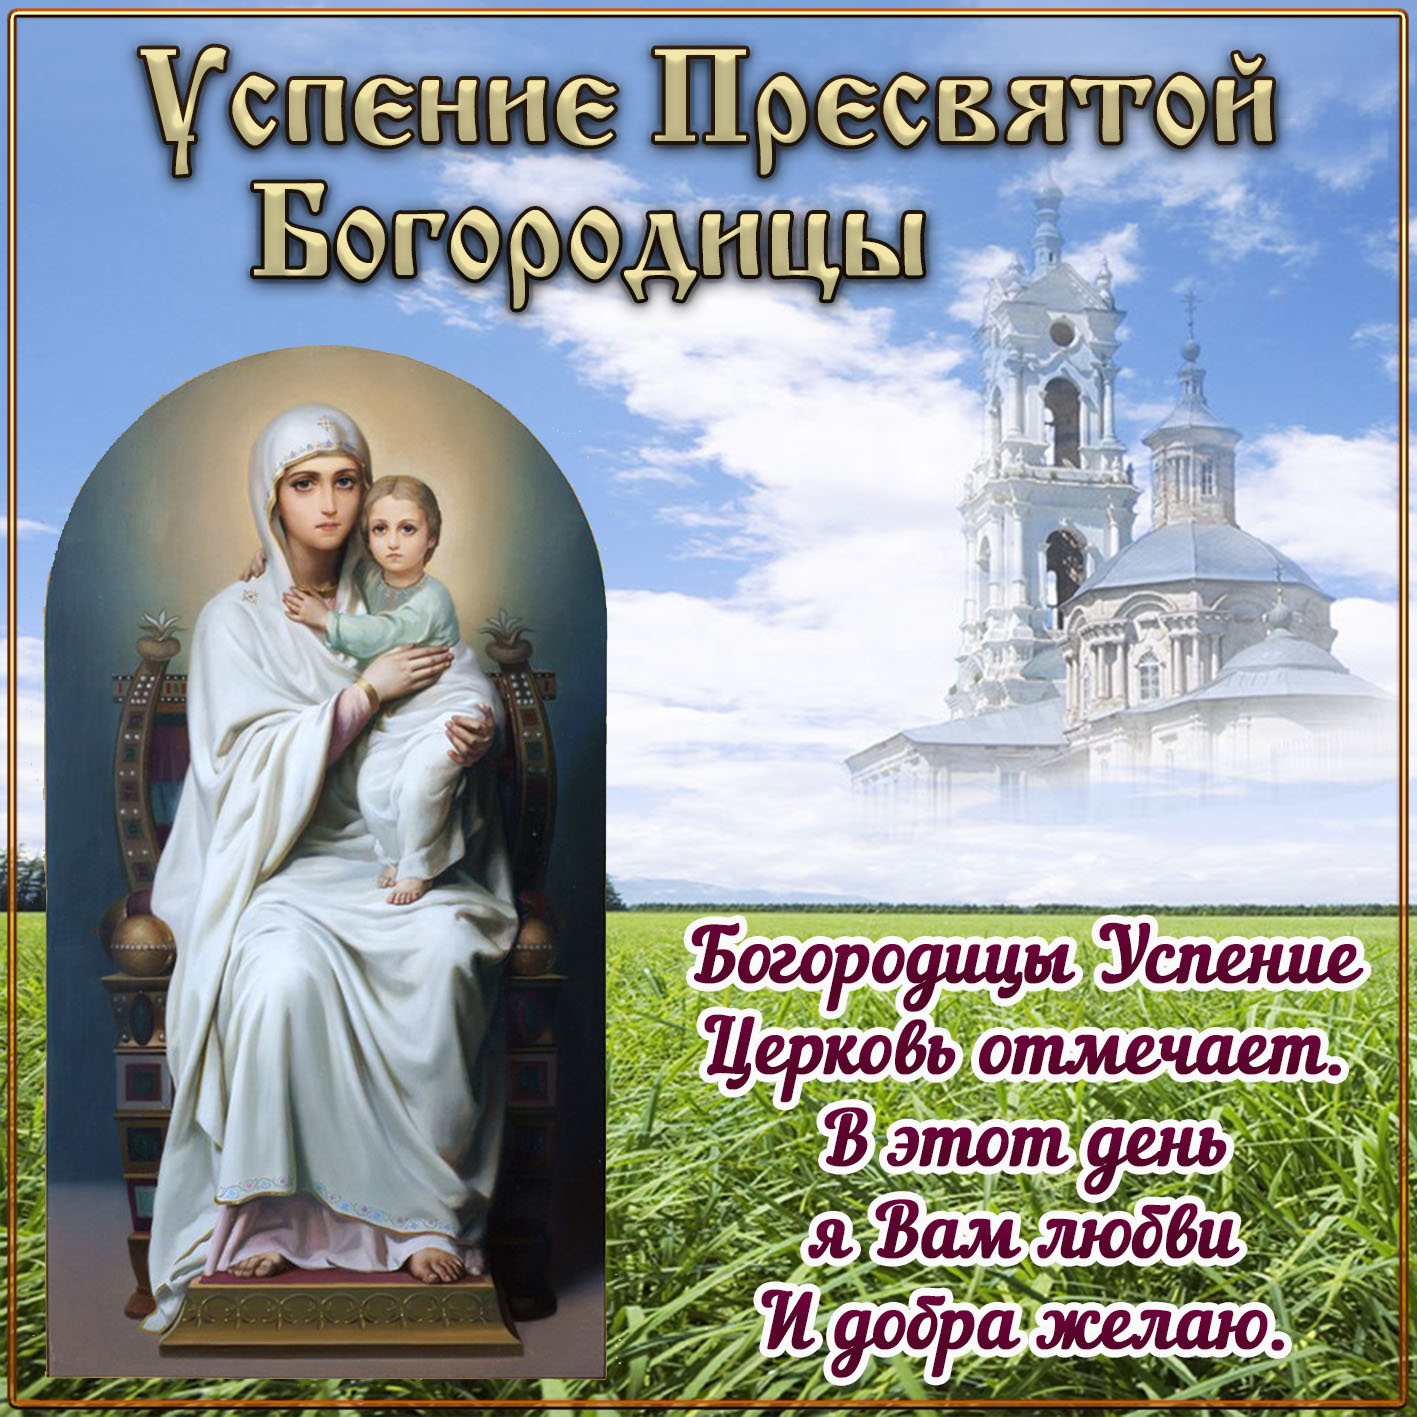 Открытка на Успение с Богородицей на красивом фоне с храмом